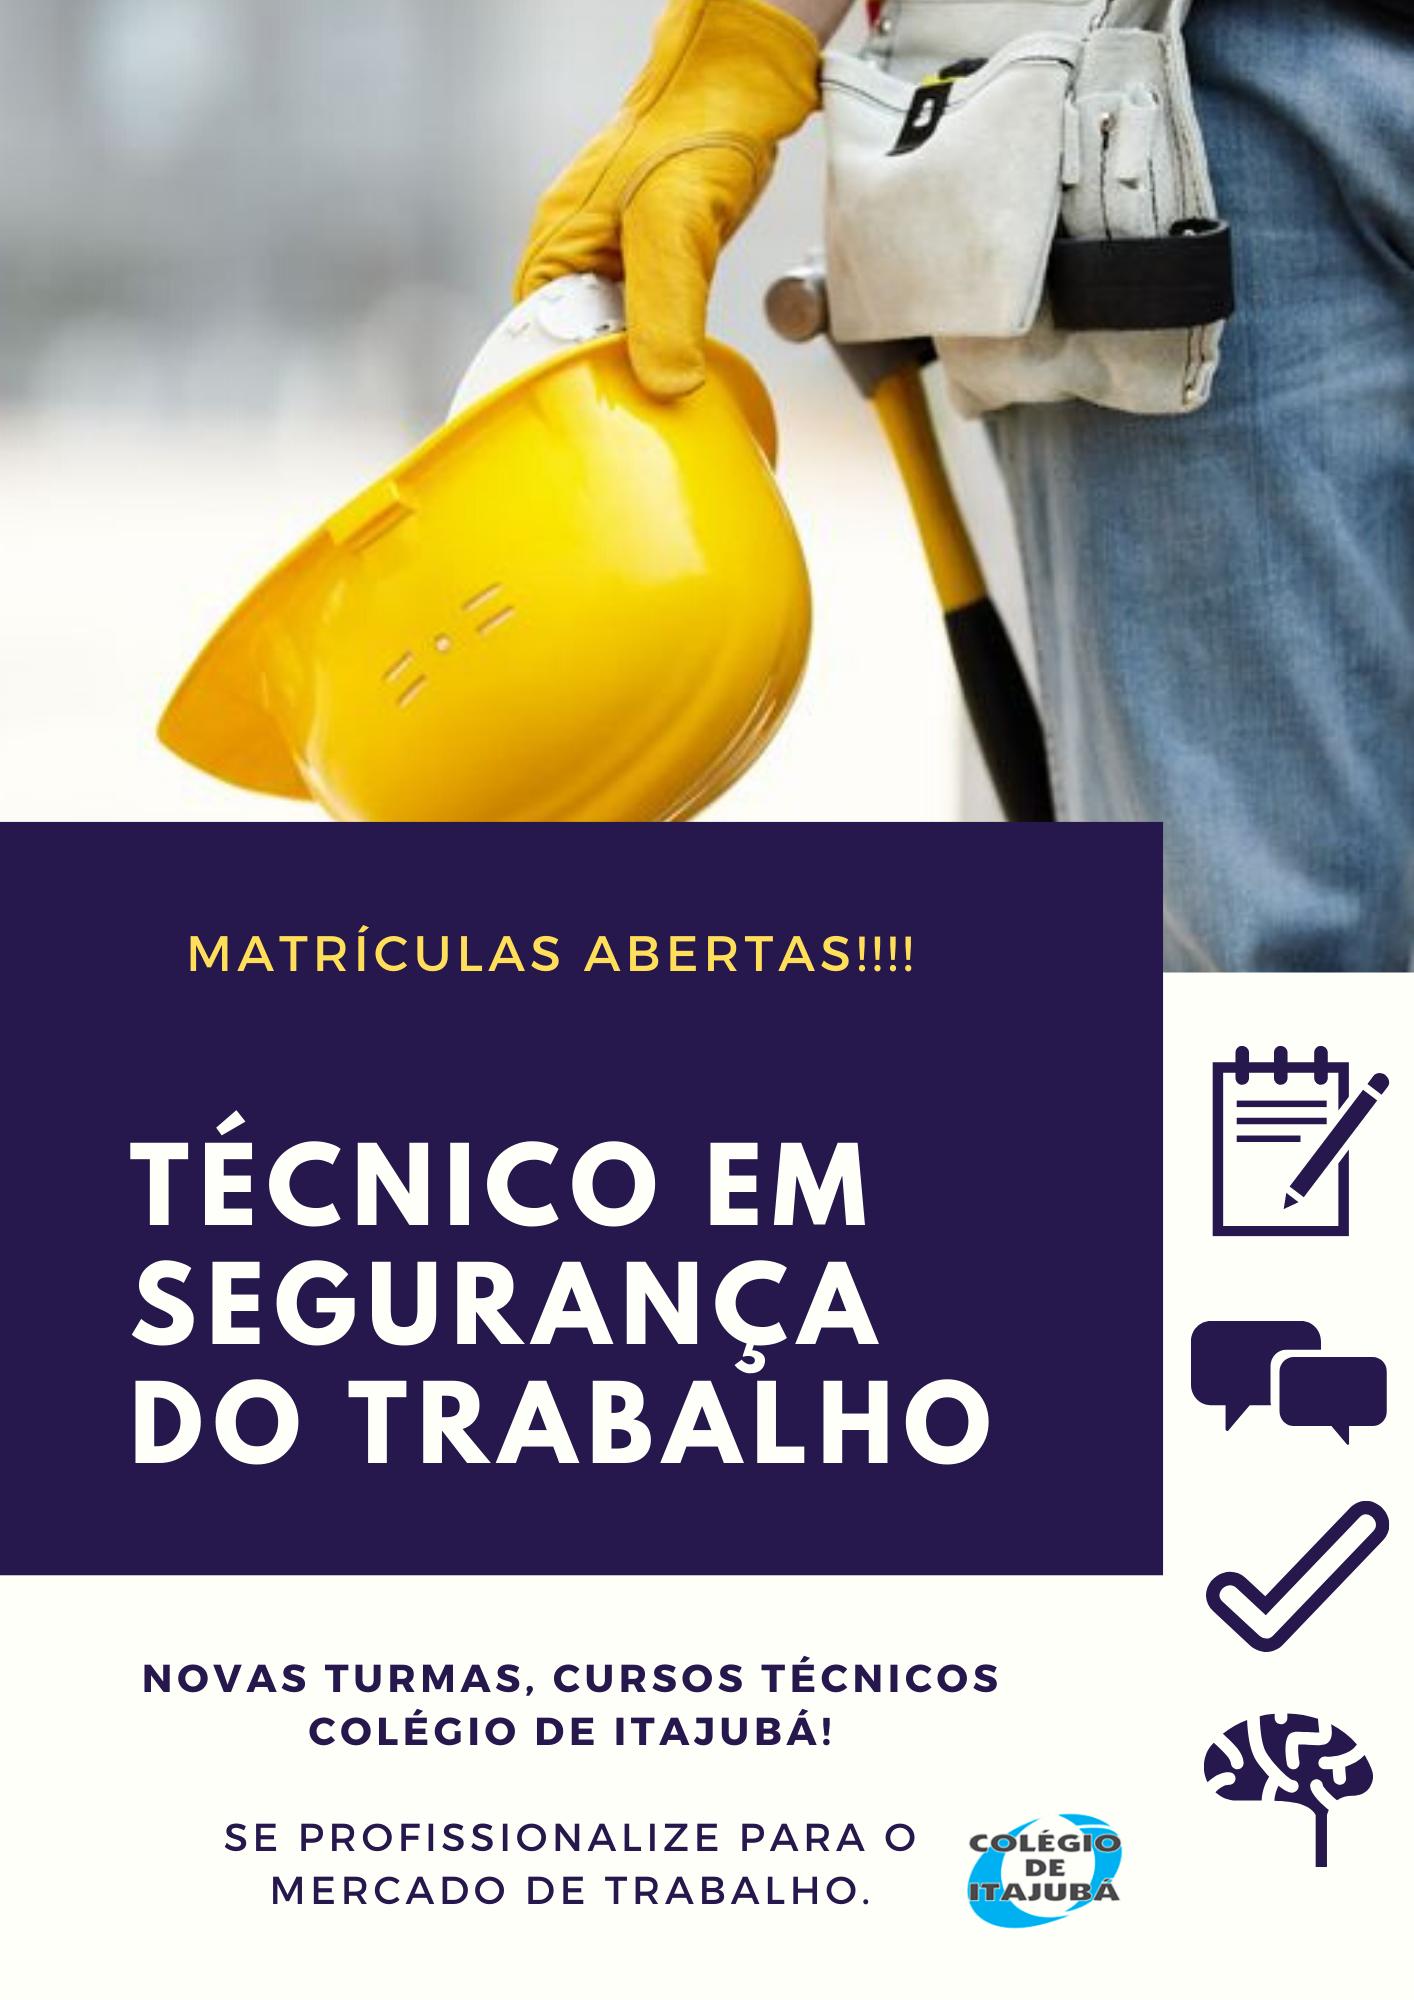 SEGURANÇA DO TRABALHO!